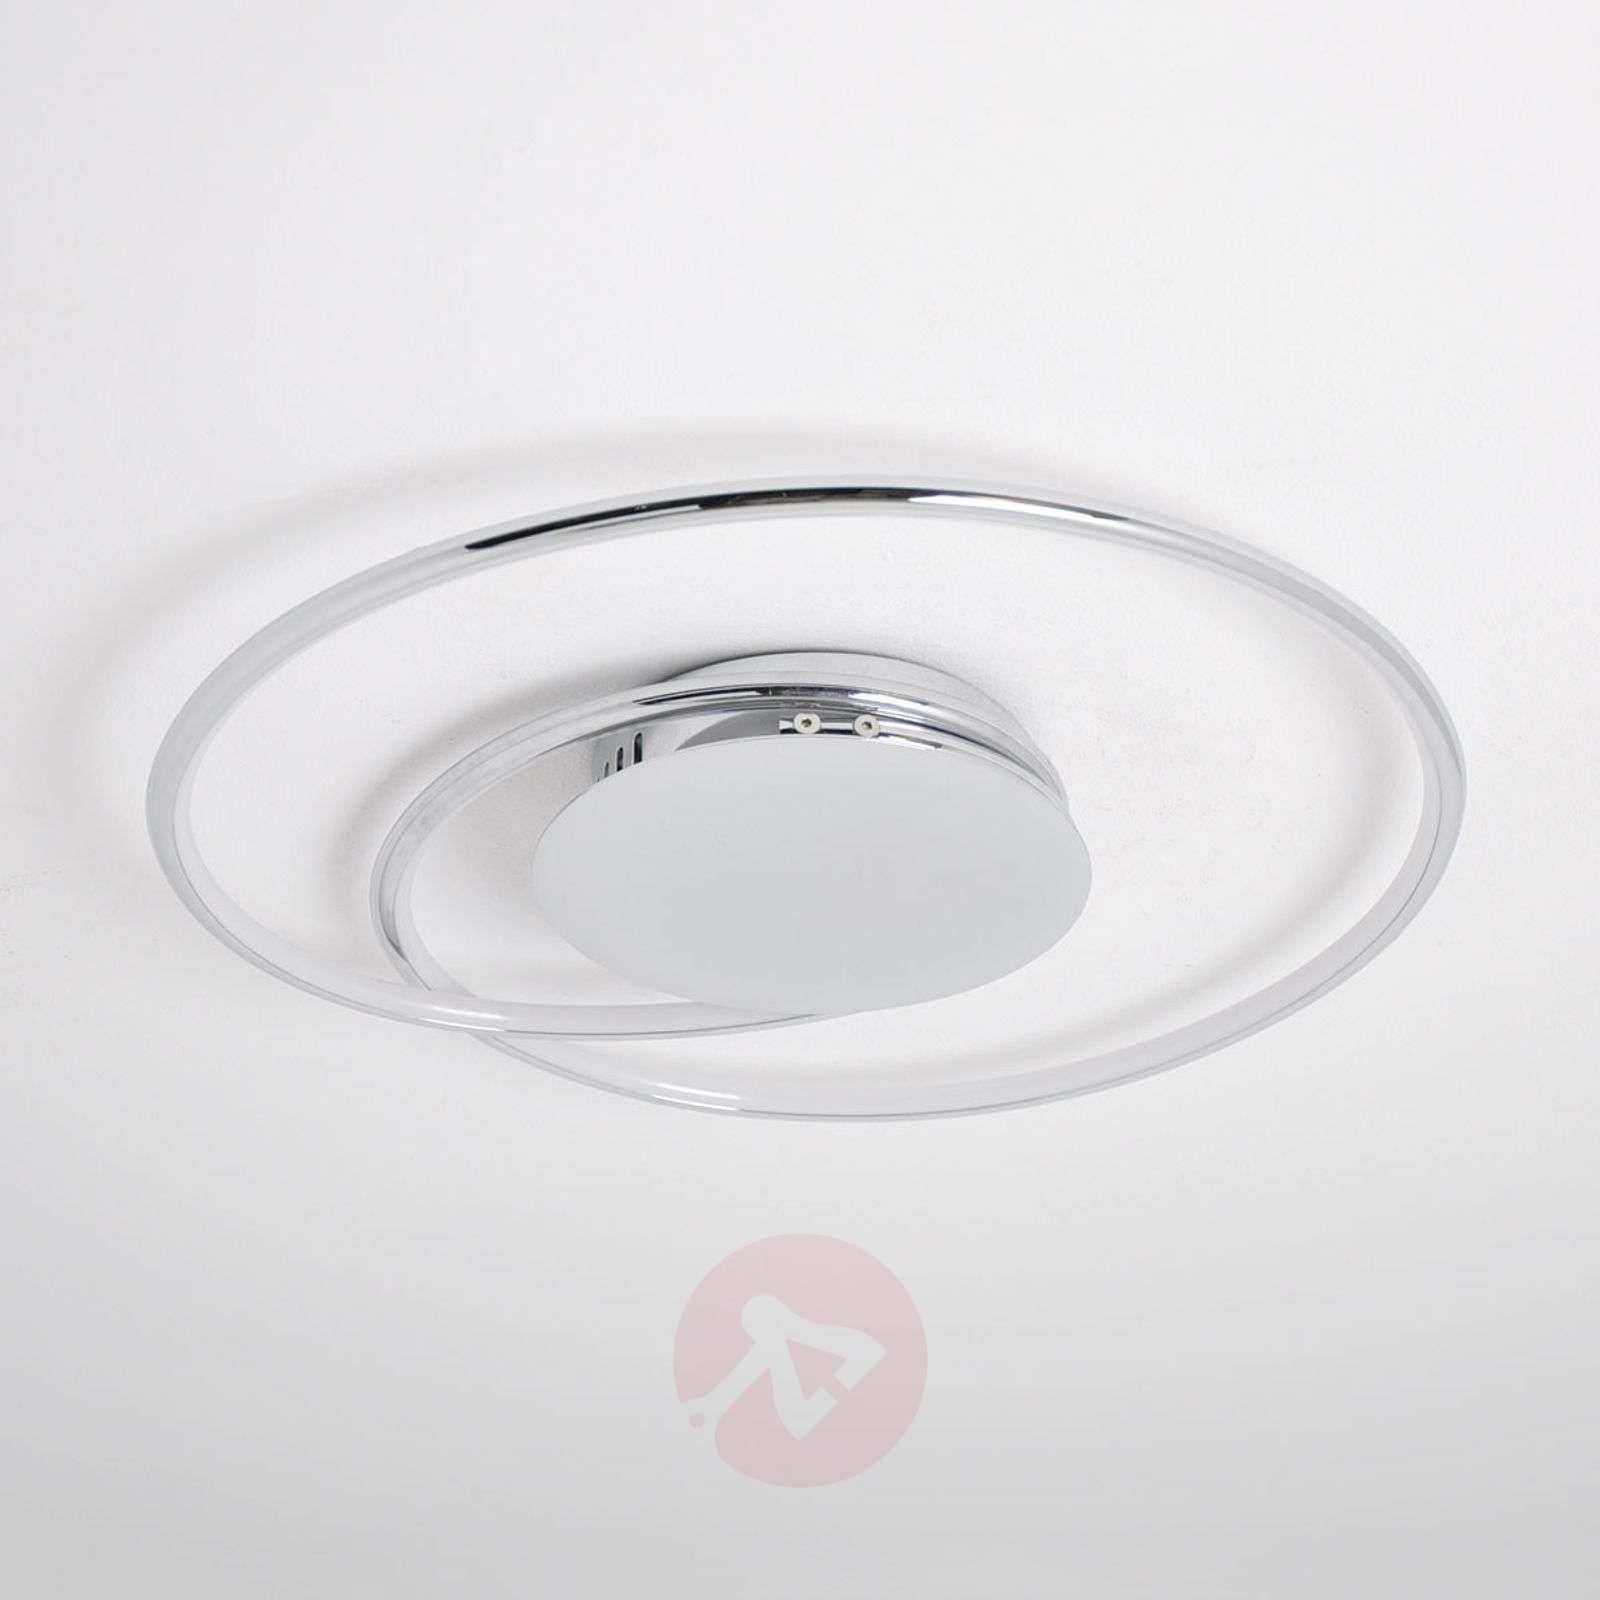 Joline kaunis LED-kattovalaisin-9639015-01